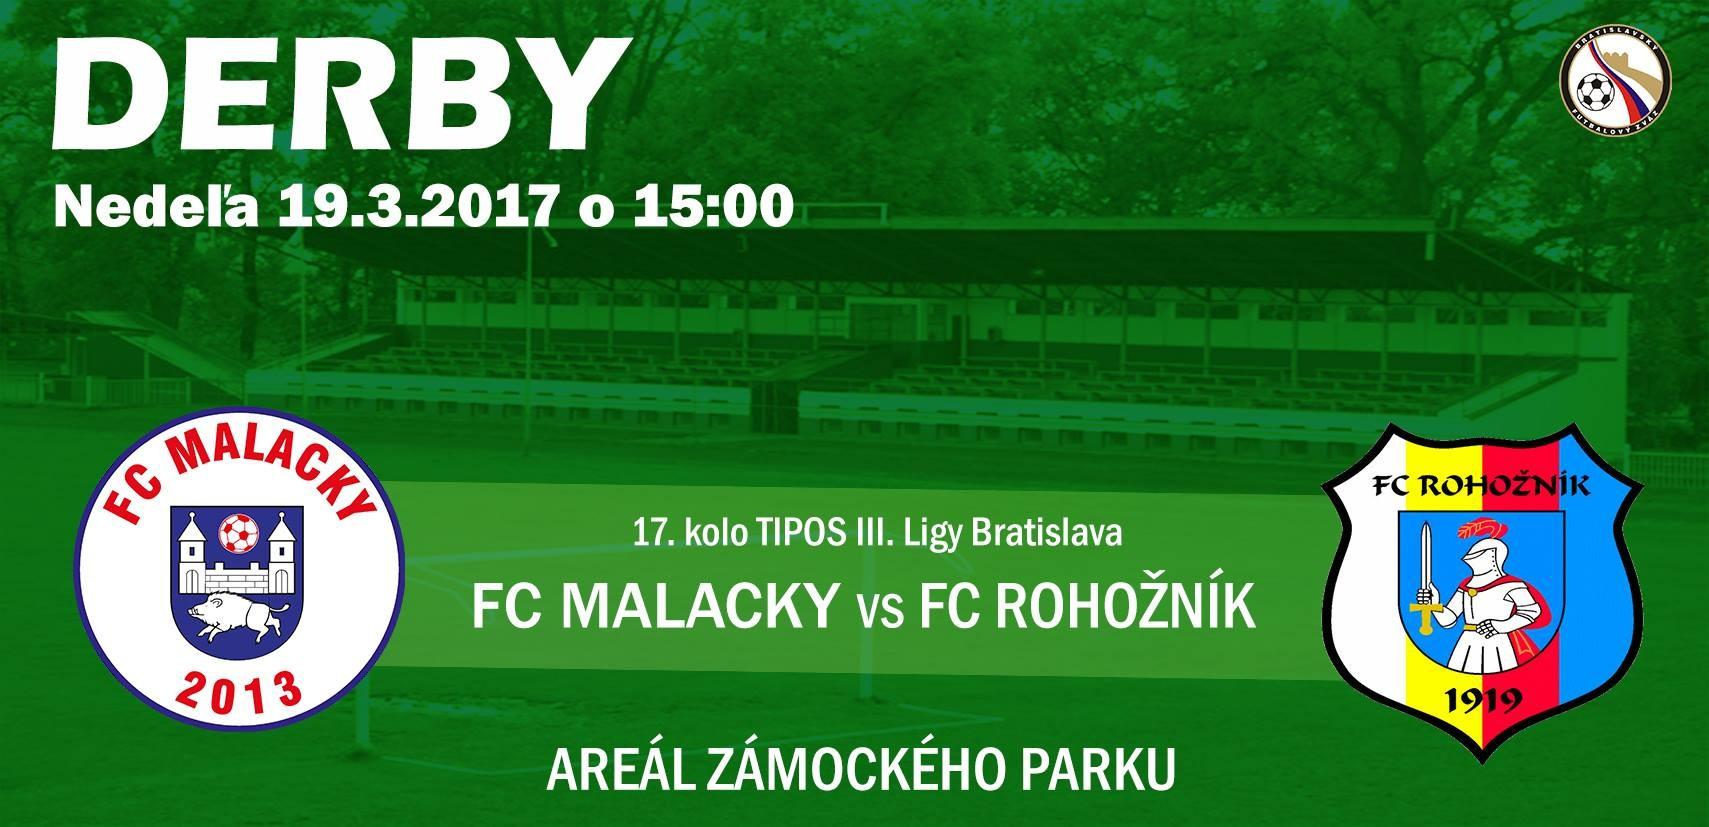 Pozvánka na derby FC Malacky - FC Rohožník